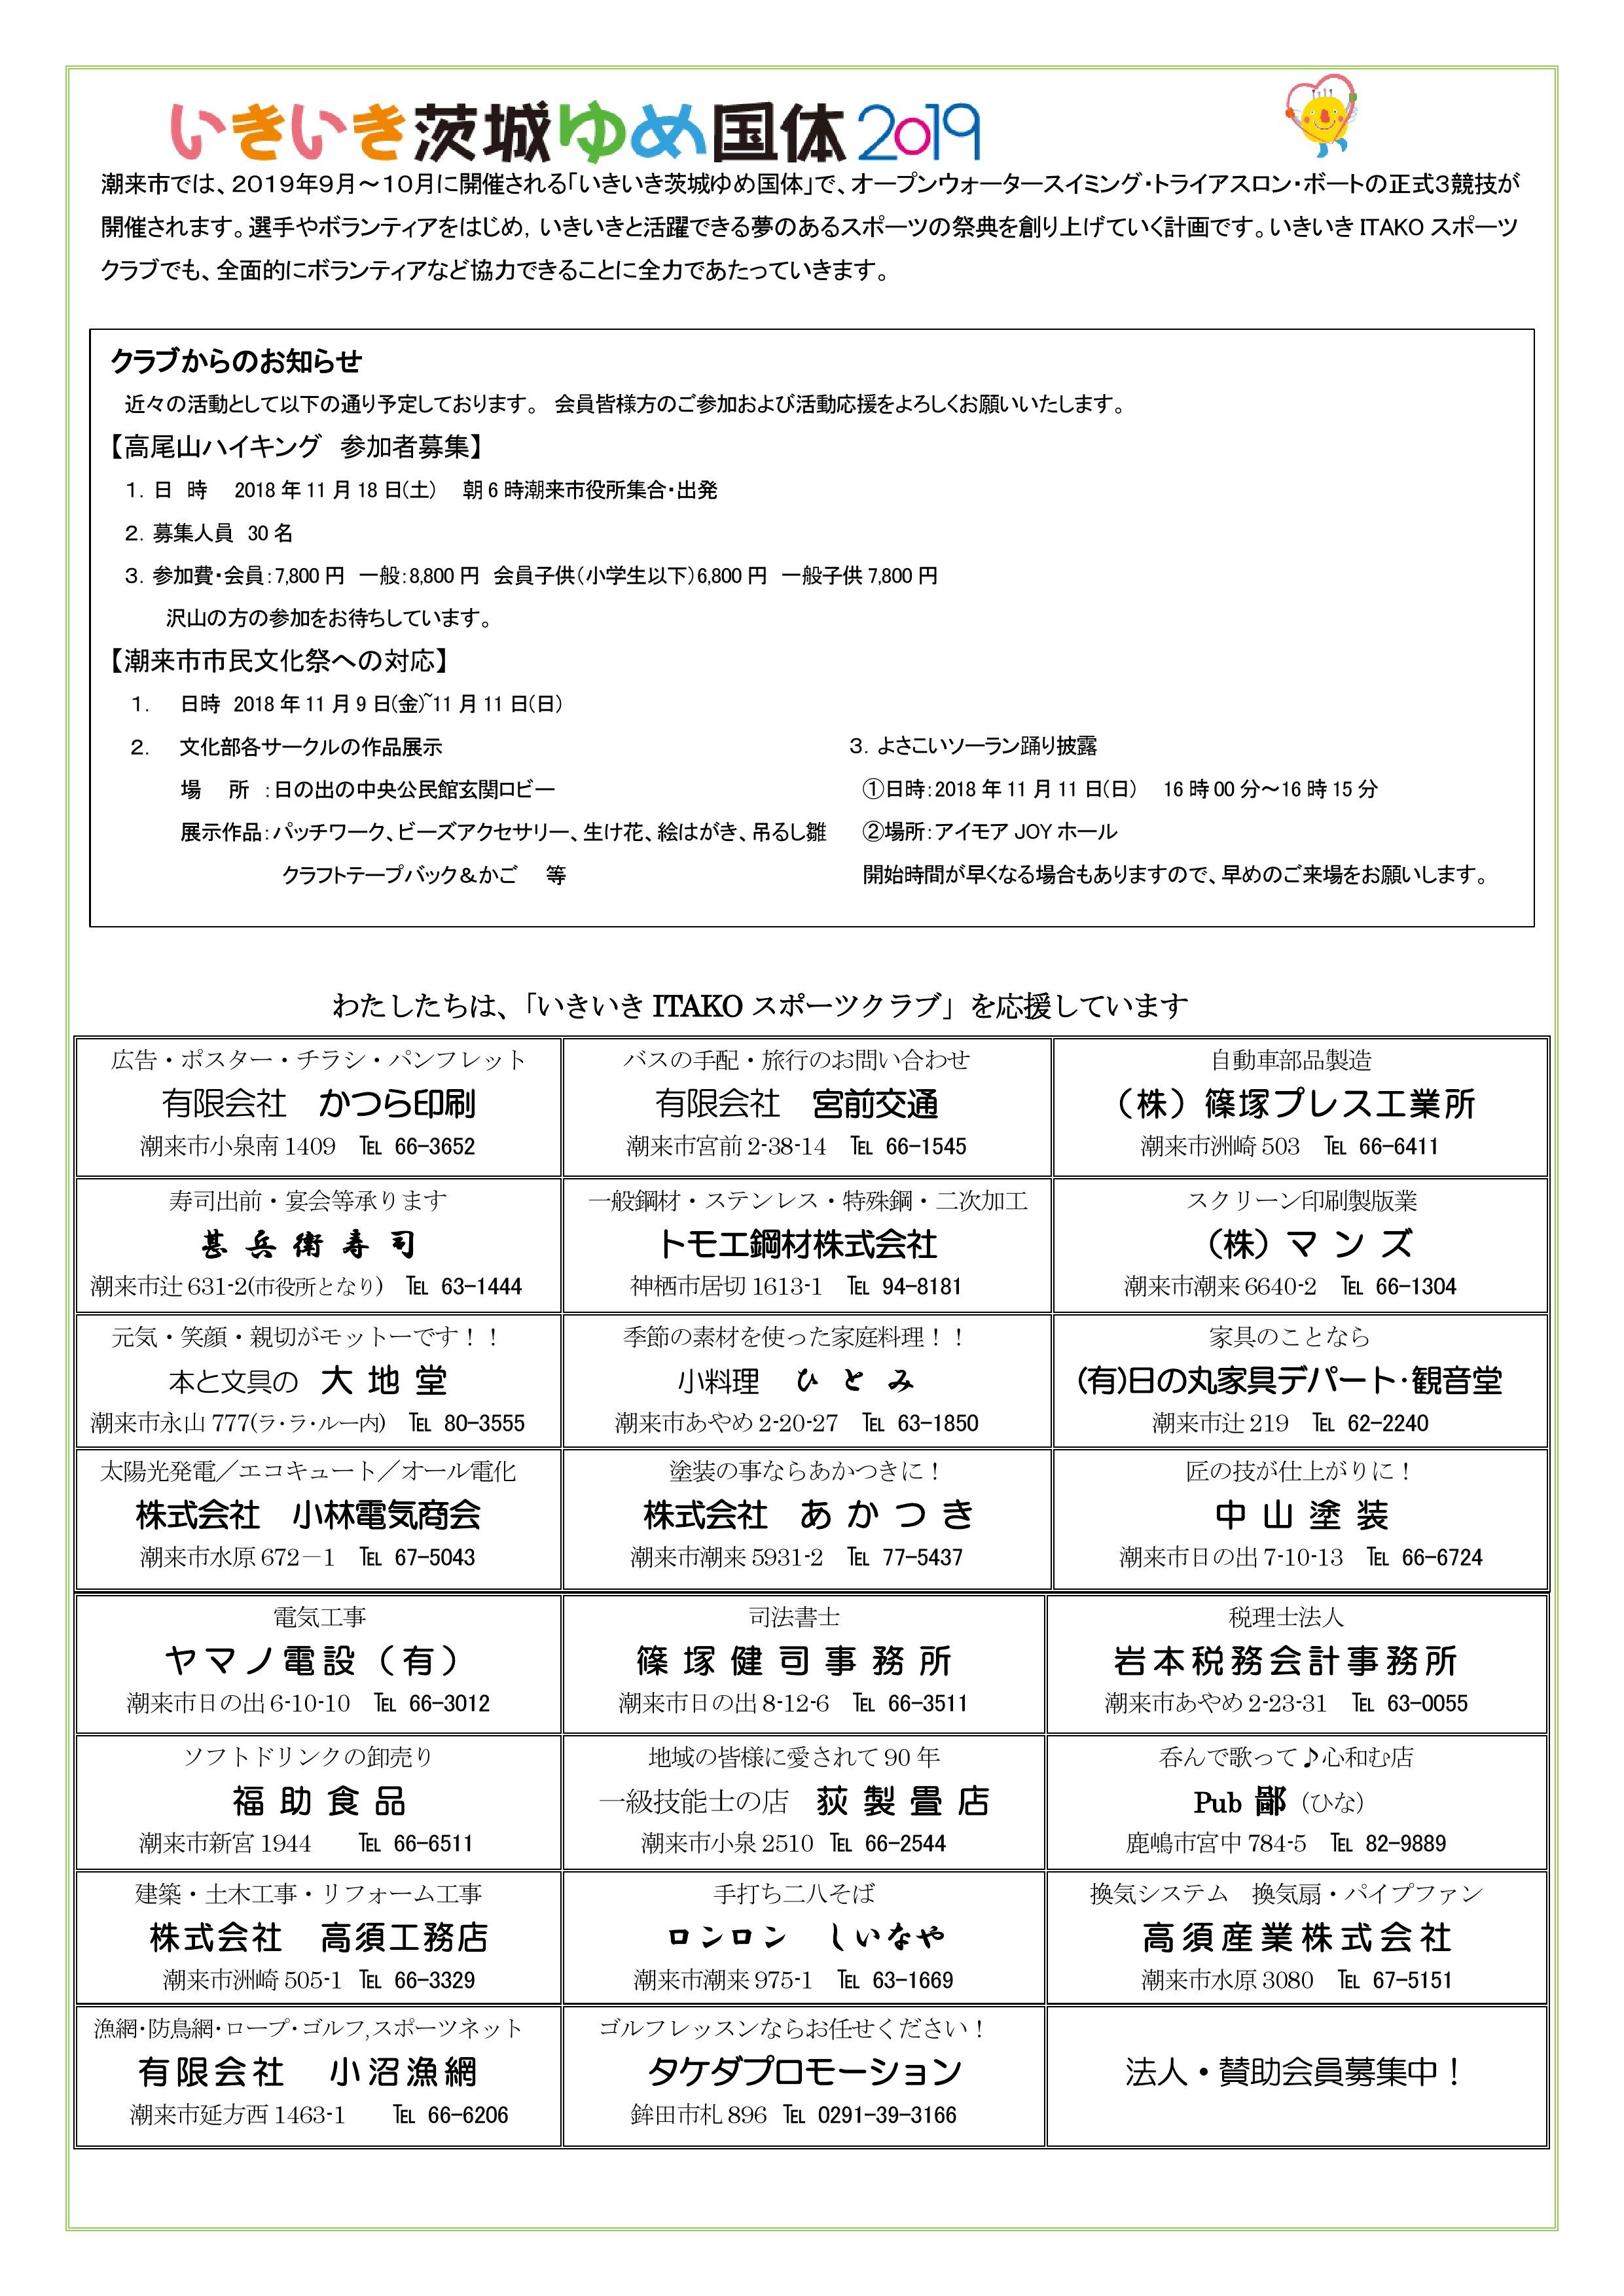 いきいきITAKOスポーツクラブ会報2018_01最終_PAGE0003